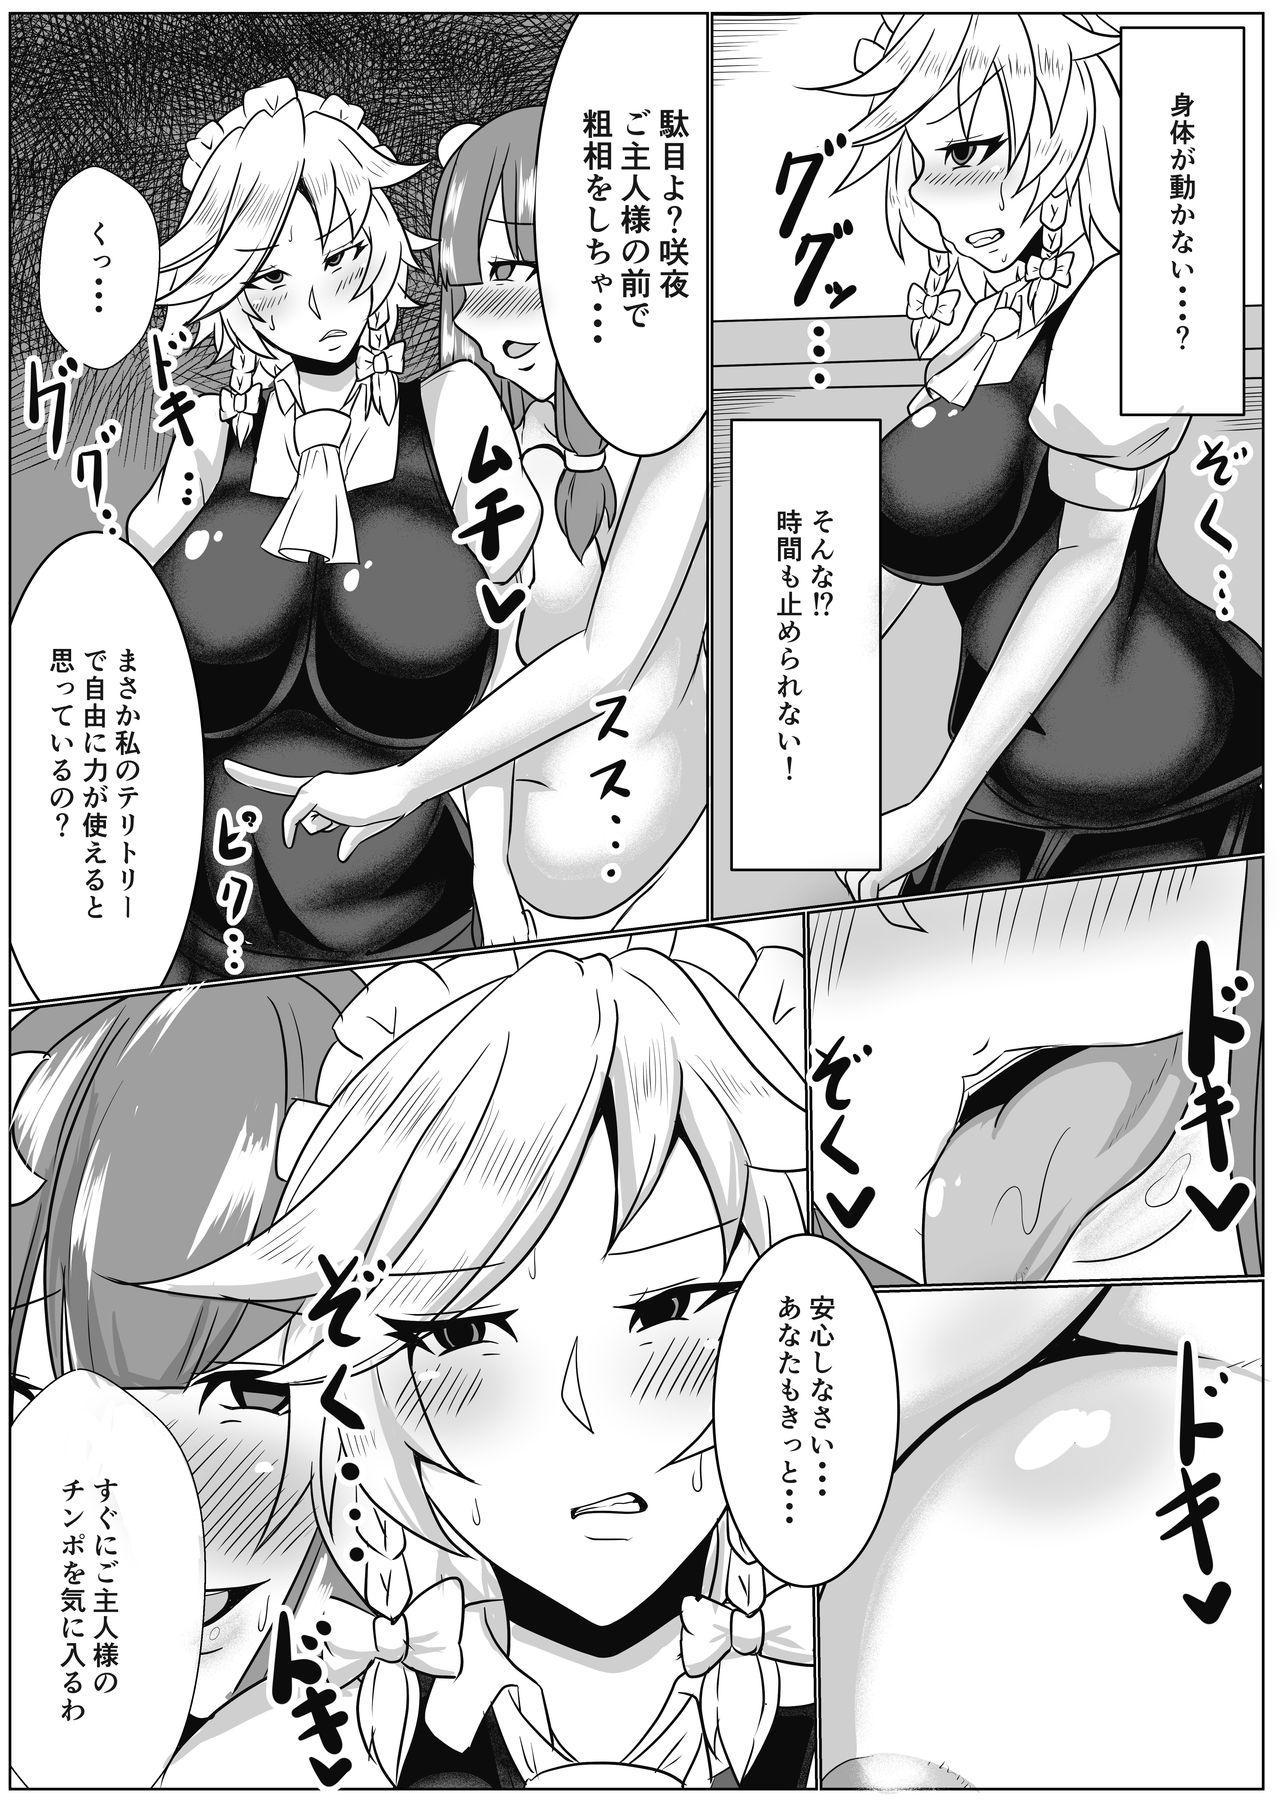 Sakuya to Patchouli-sama ga Onanie You ni Shoukan shita Inma ni Choukyou sarechau 6